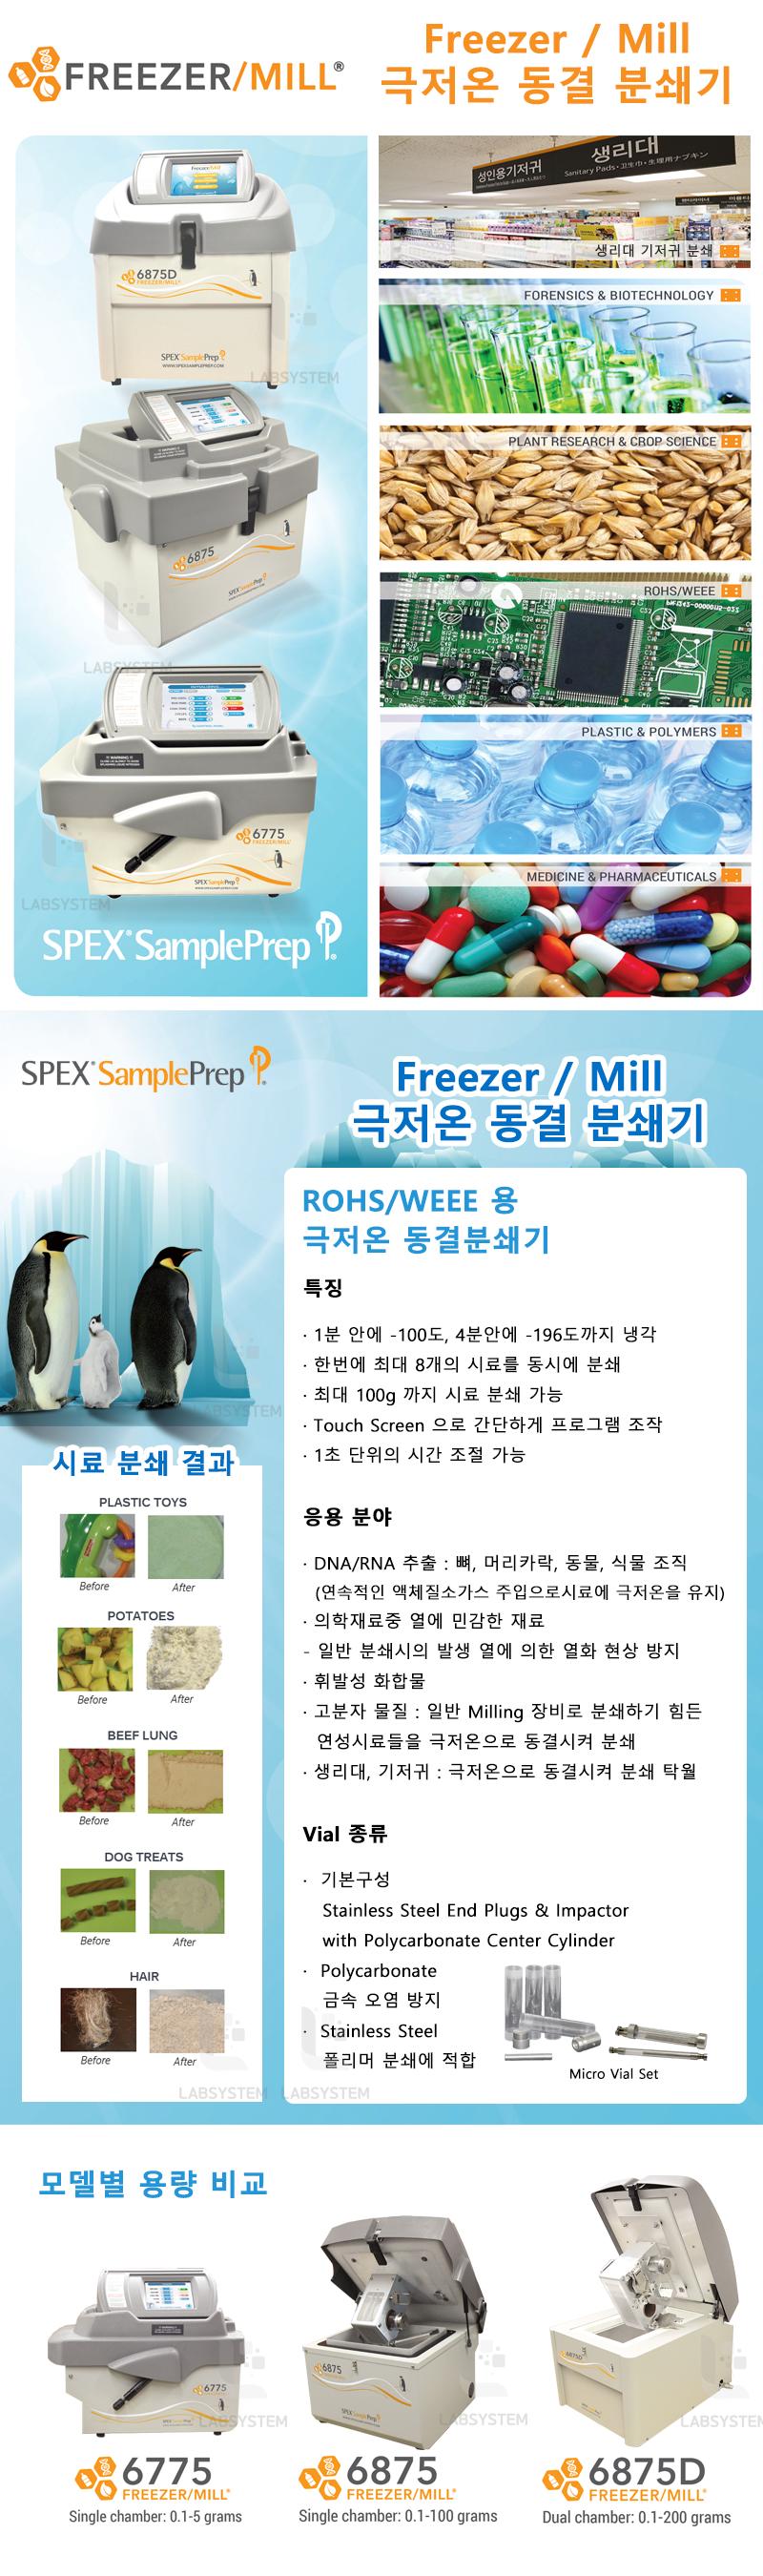 freezermill_mainpage2 (1).png